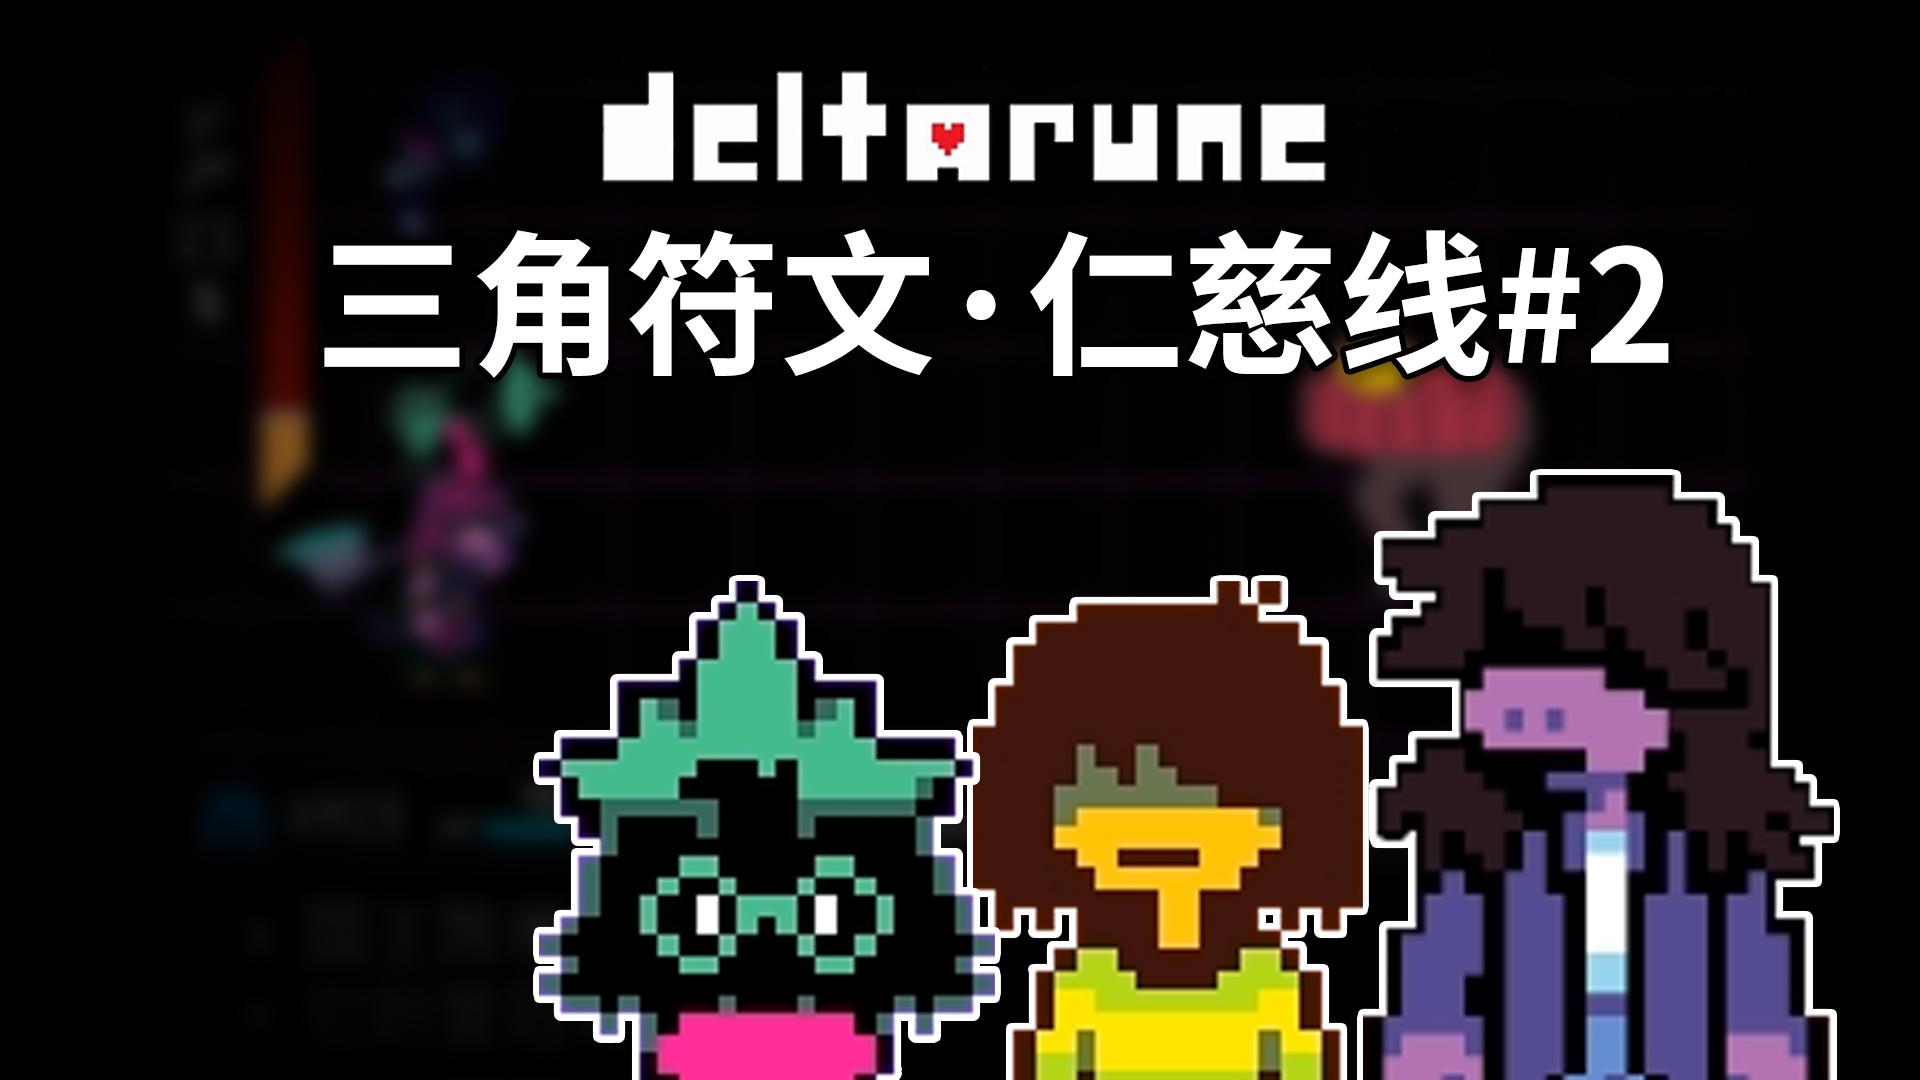 三角符文,仁慈线全剧情02:别低头,皇冠会掉【deltarune第一章】